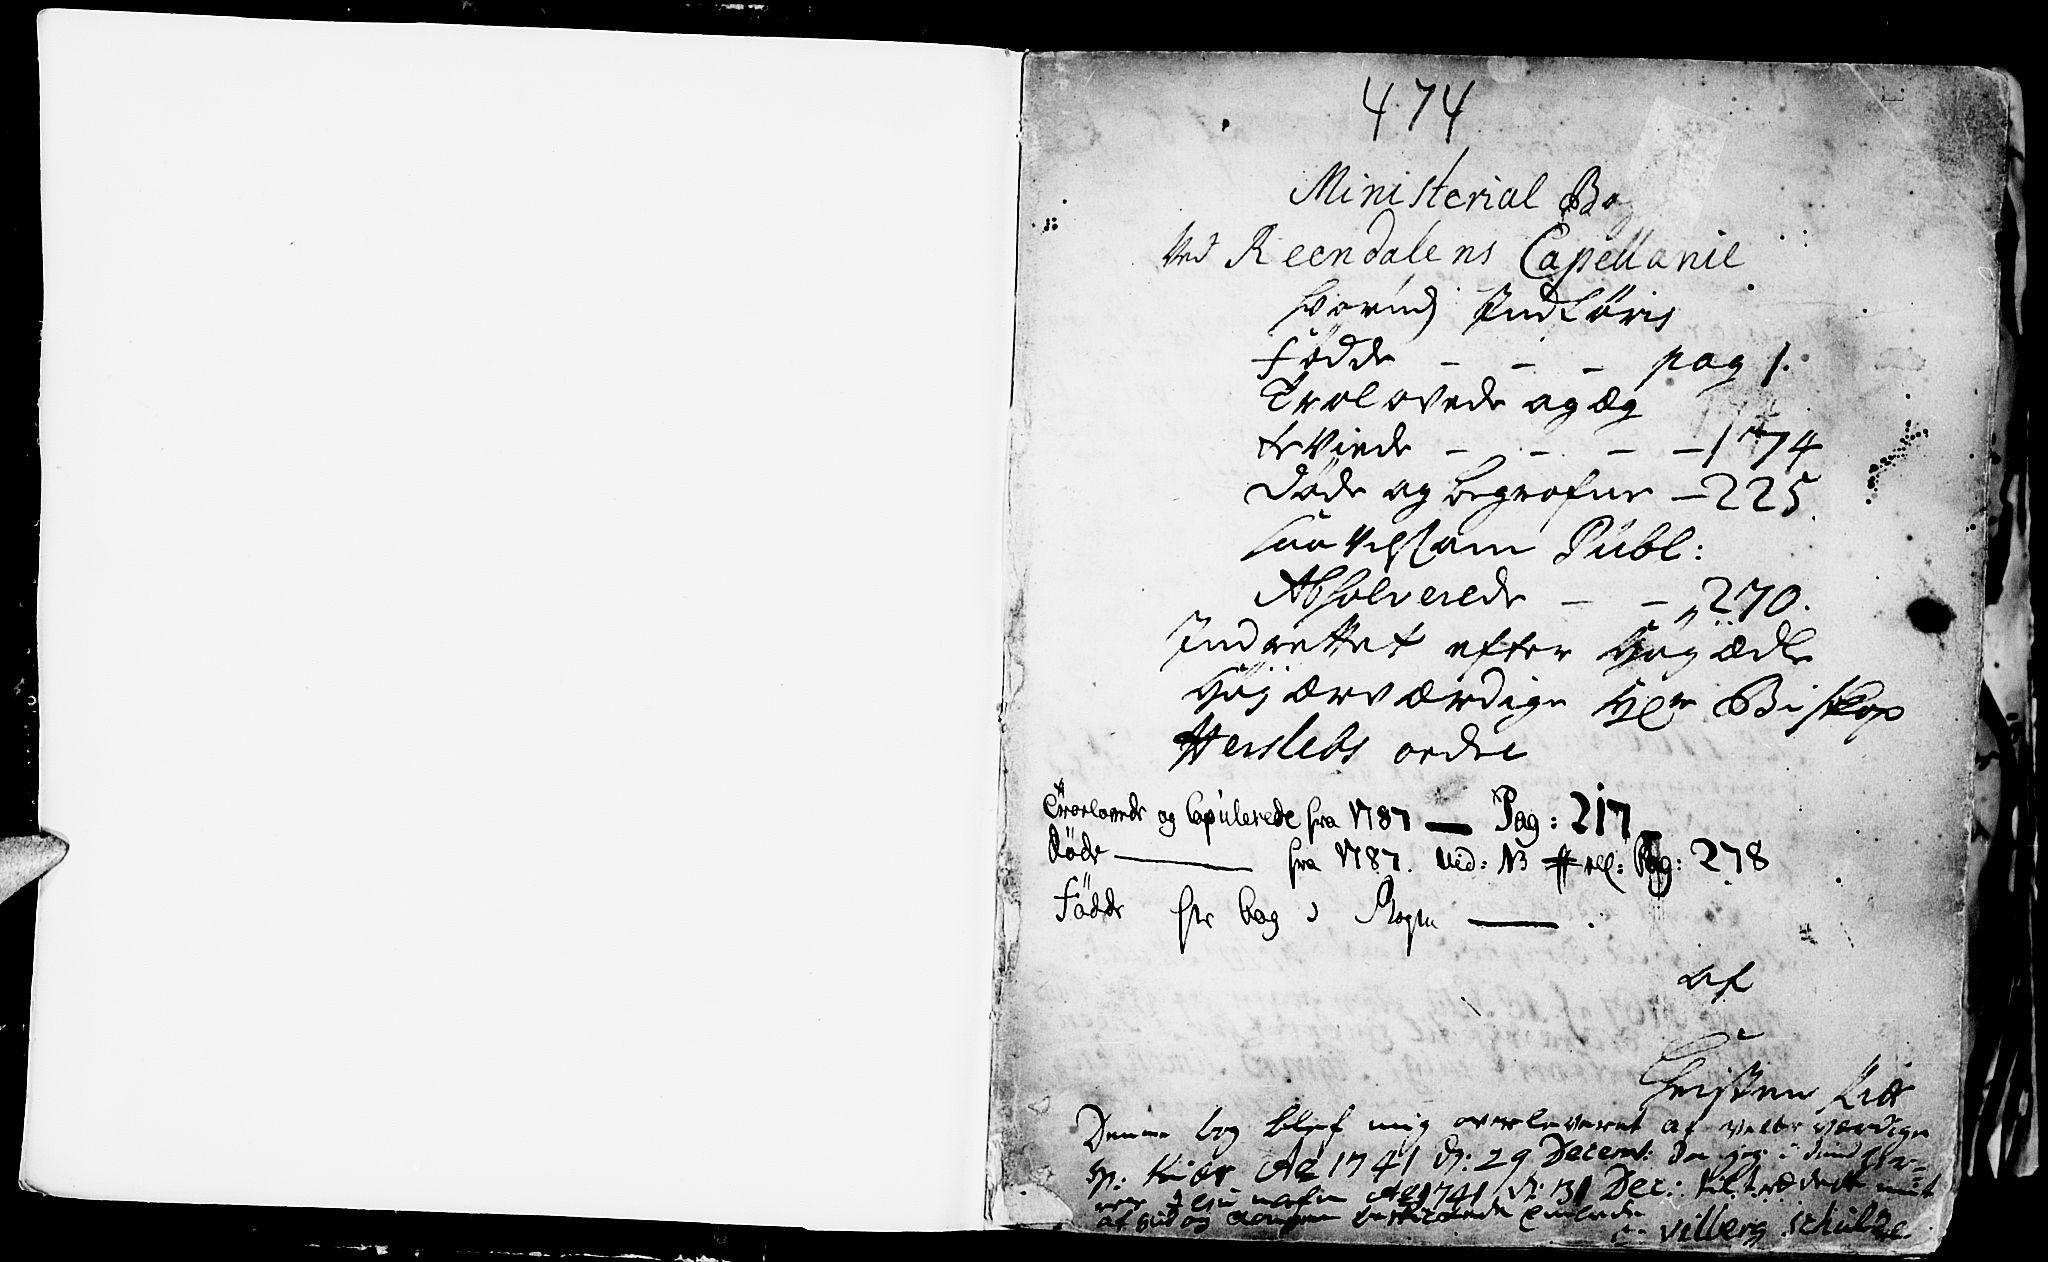 SAH, Rendalen prestekontor, H/Ha/Haa/L0001: Ministerialbok nr. 1, 1733-1787